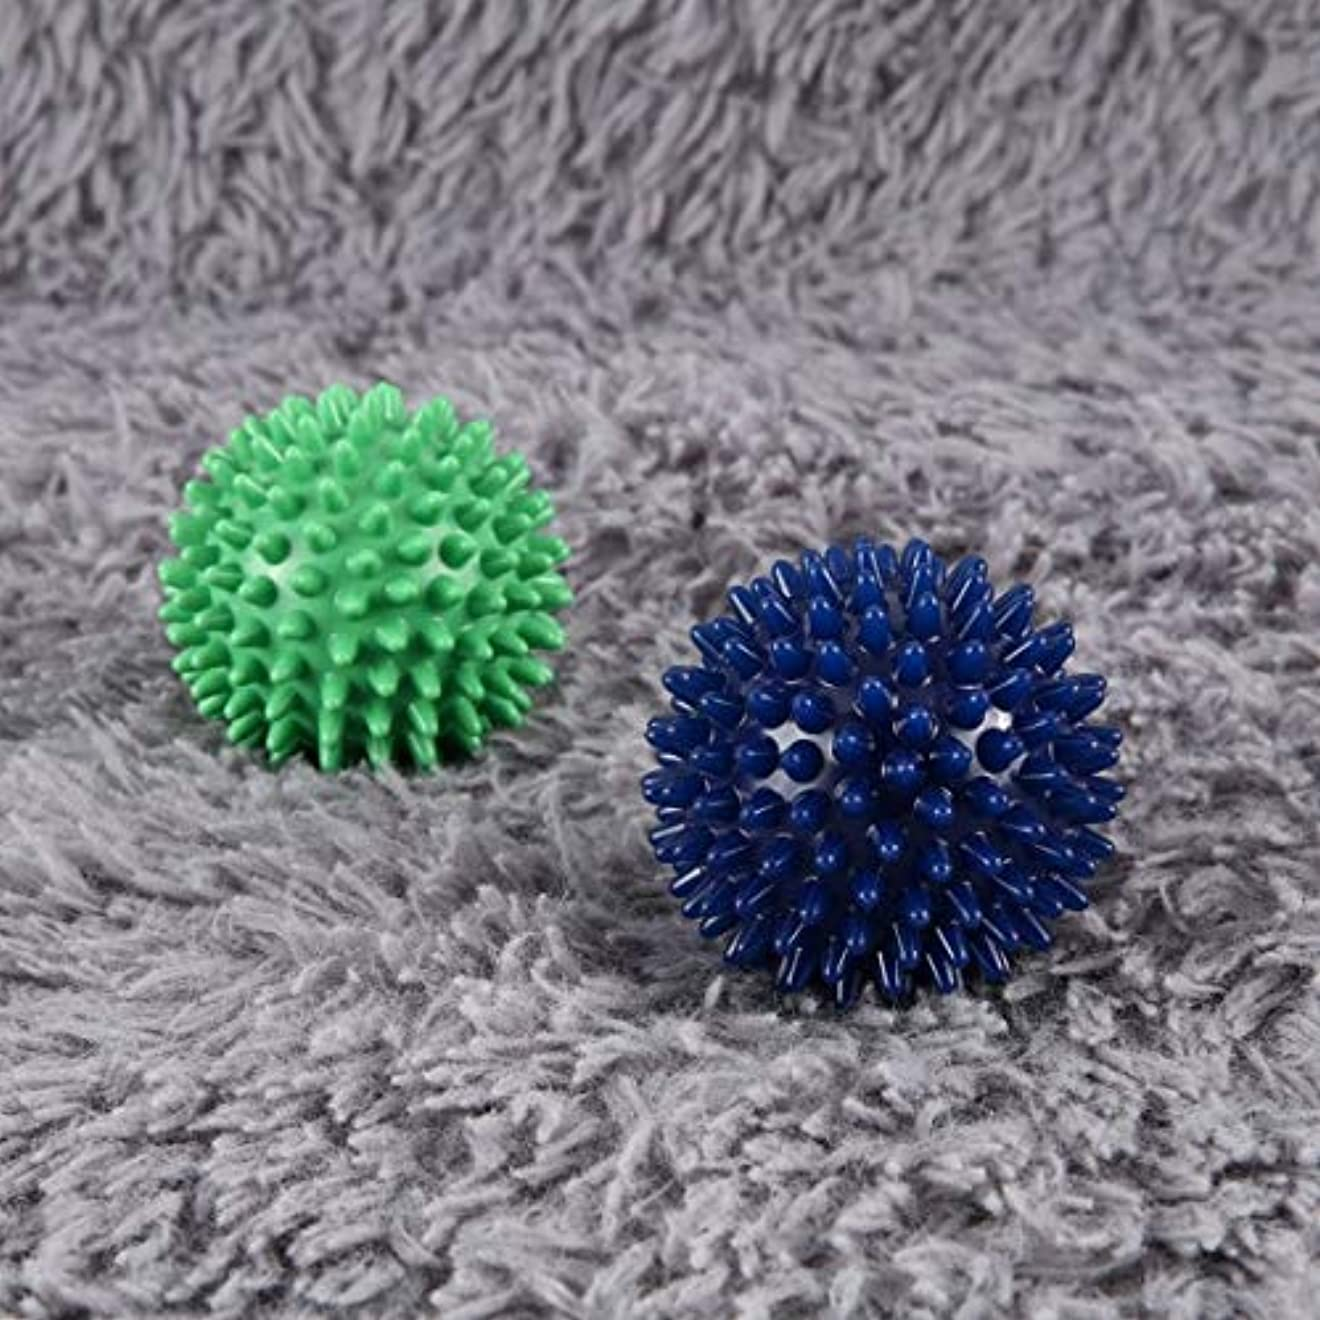 恥剥ぎ取る楽観PVC High Density Spiky Massage Ball Foot Pain & Plantar Fasciitis Reliever Treatment Hedgehog Ball Massage Acupressure Ball